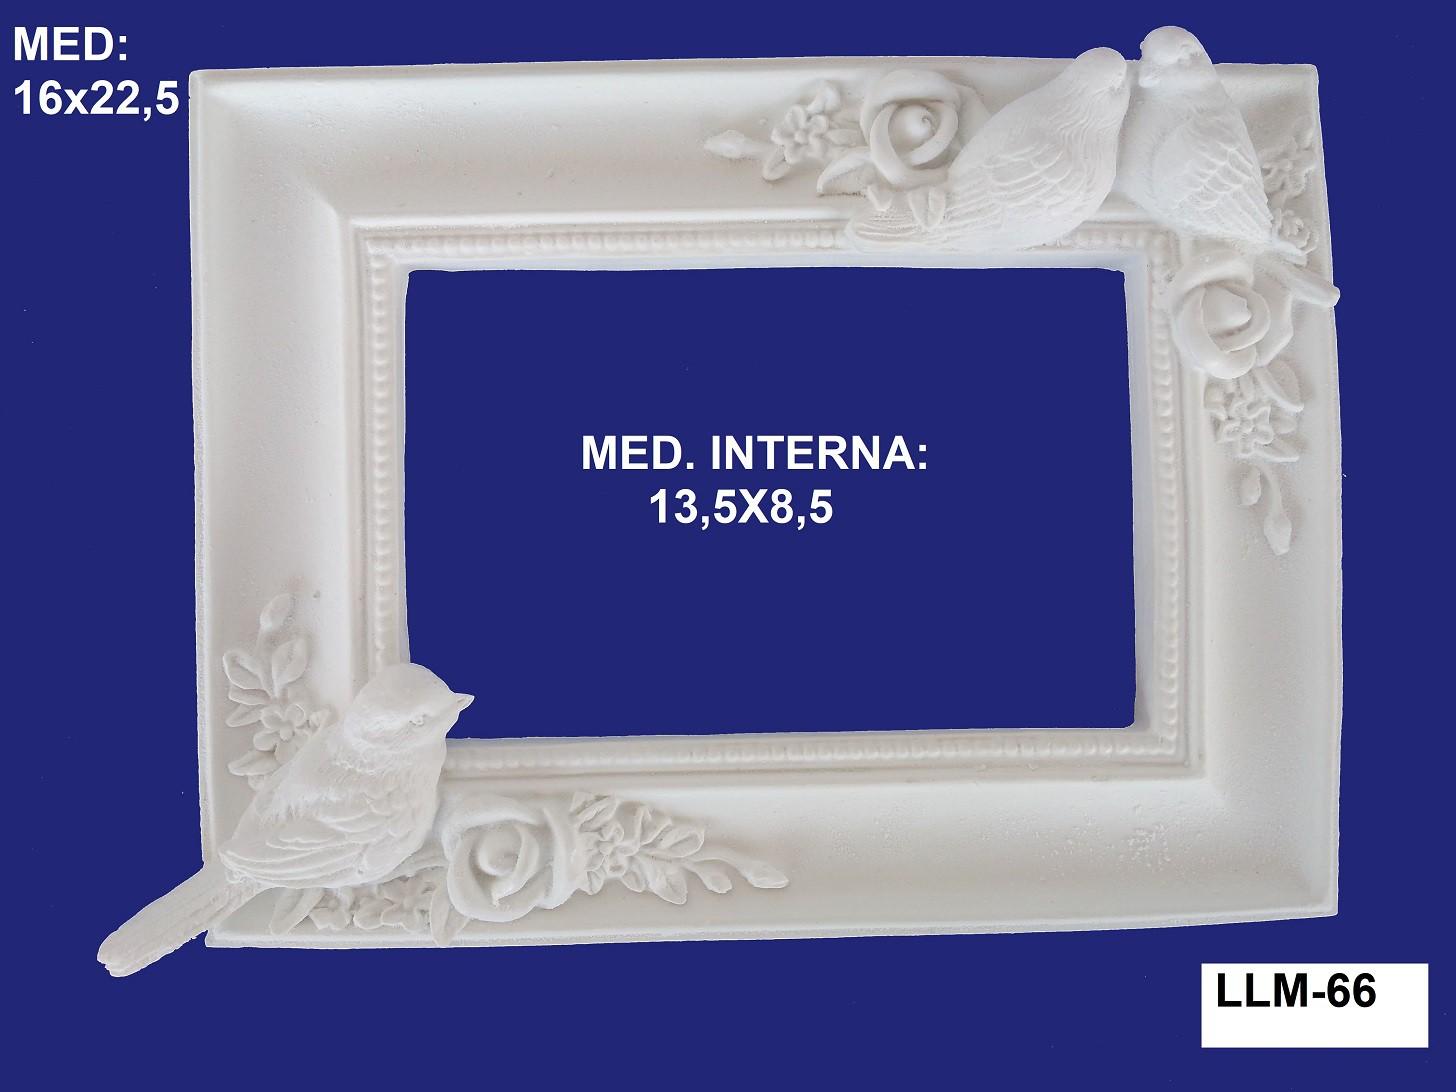 LLM-66 MOLDURA 16X22,5 INT: 8,5X13,5CM